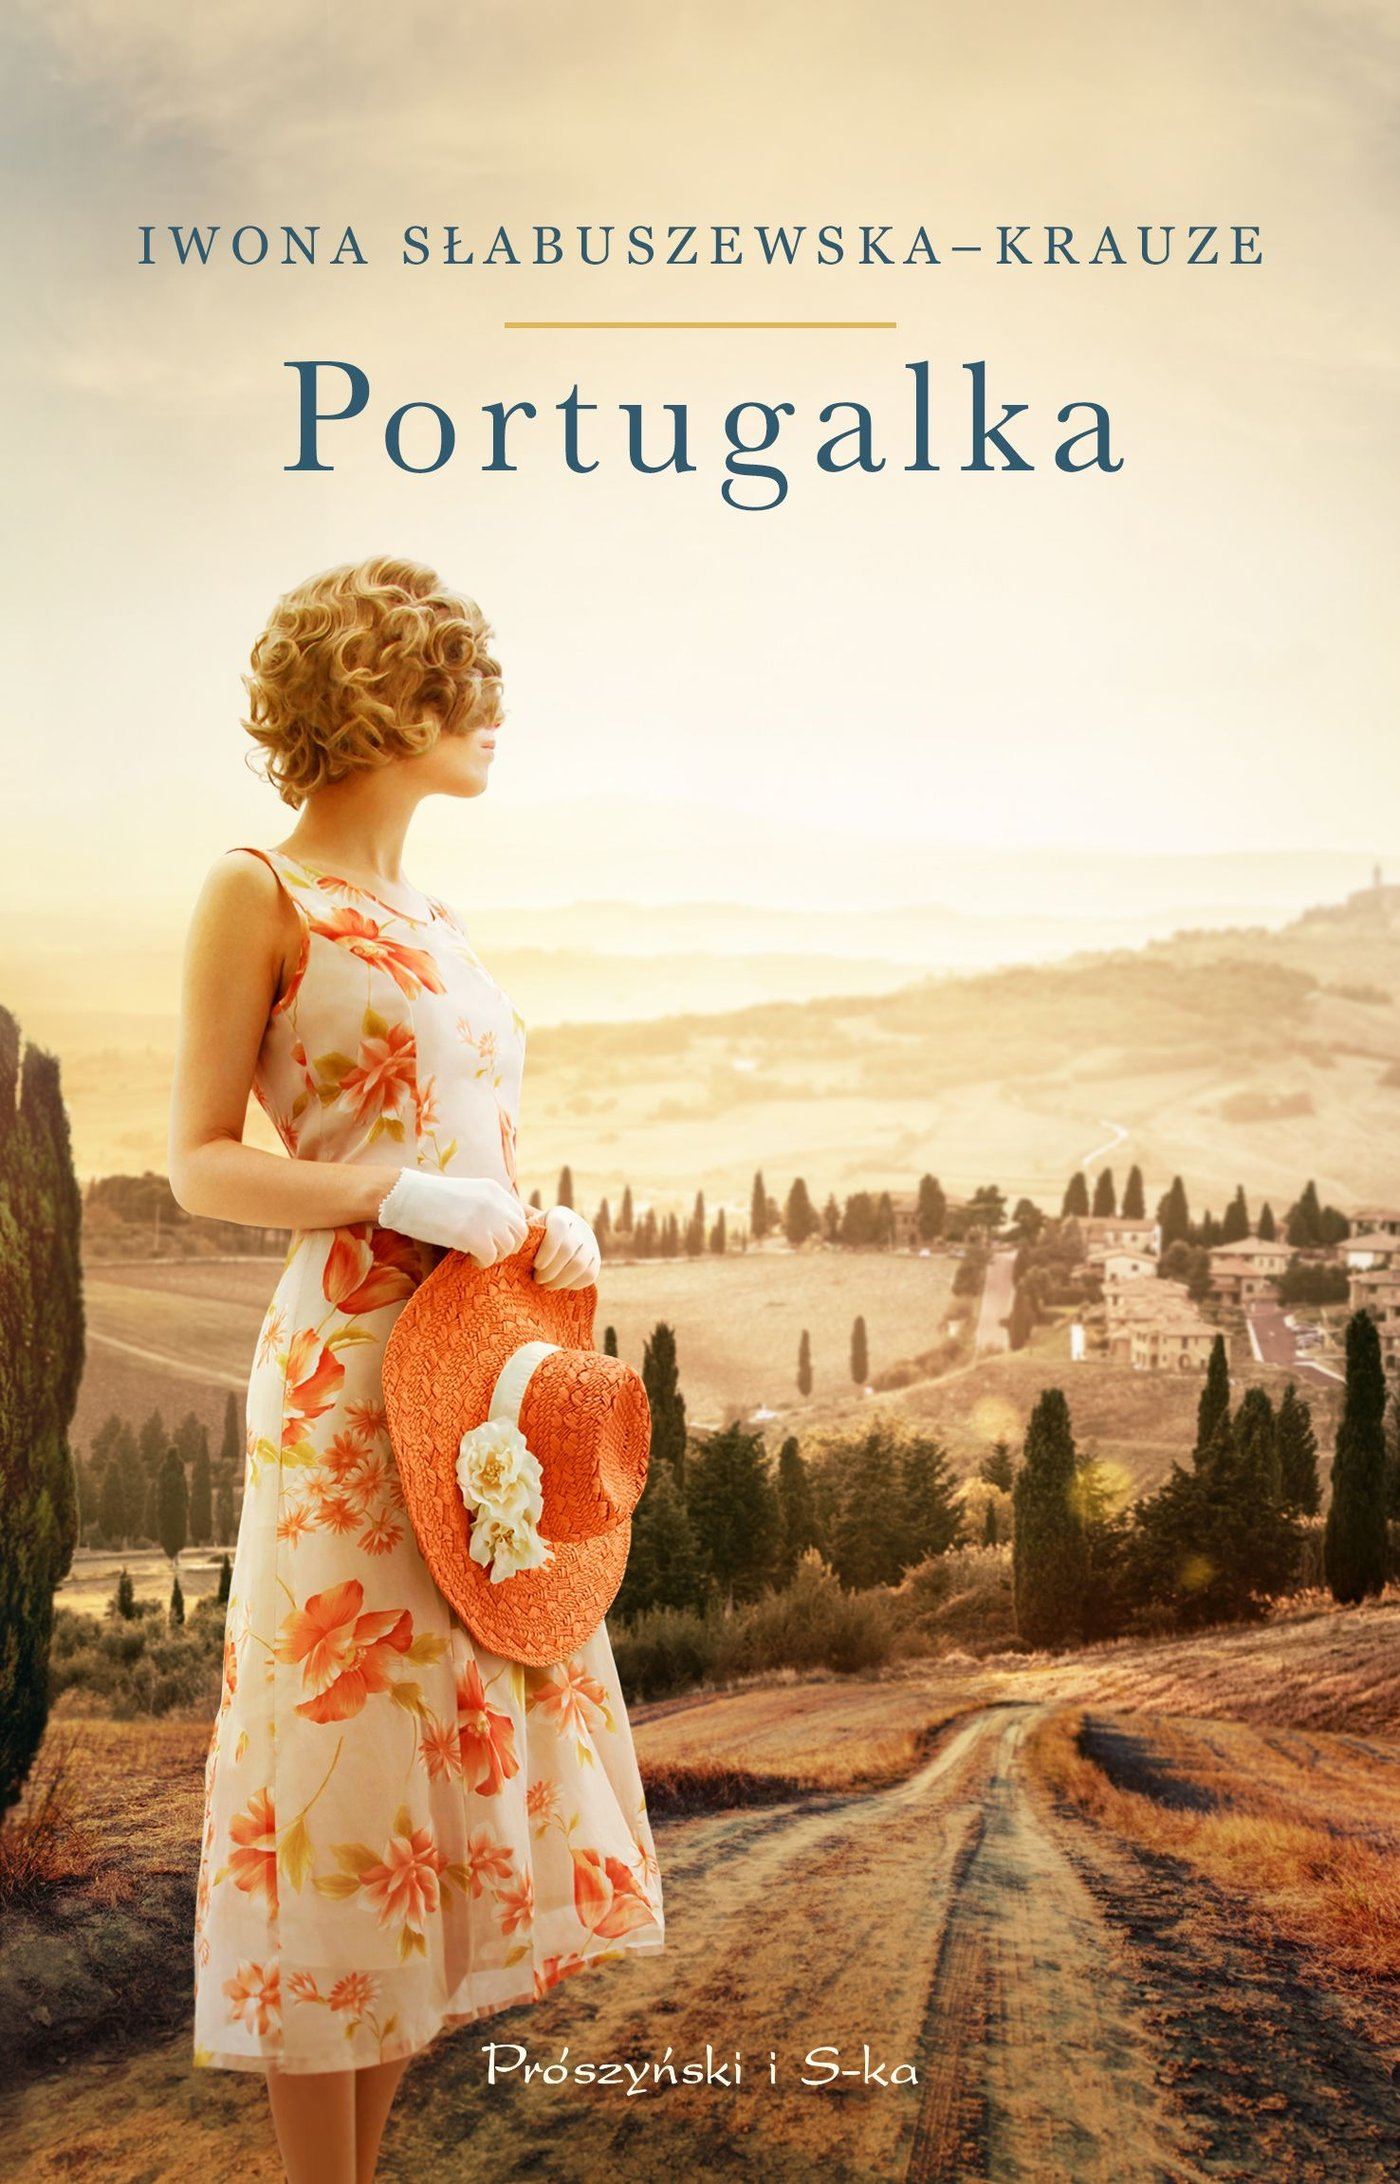 Portugalka - Ebook (Książka EPUB) do pobrania w formacie EPUB